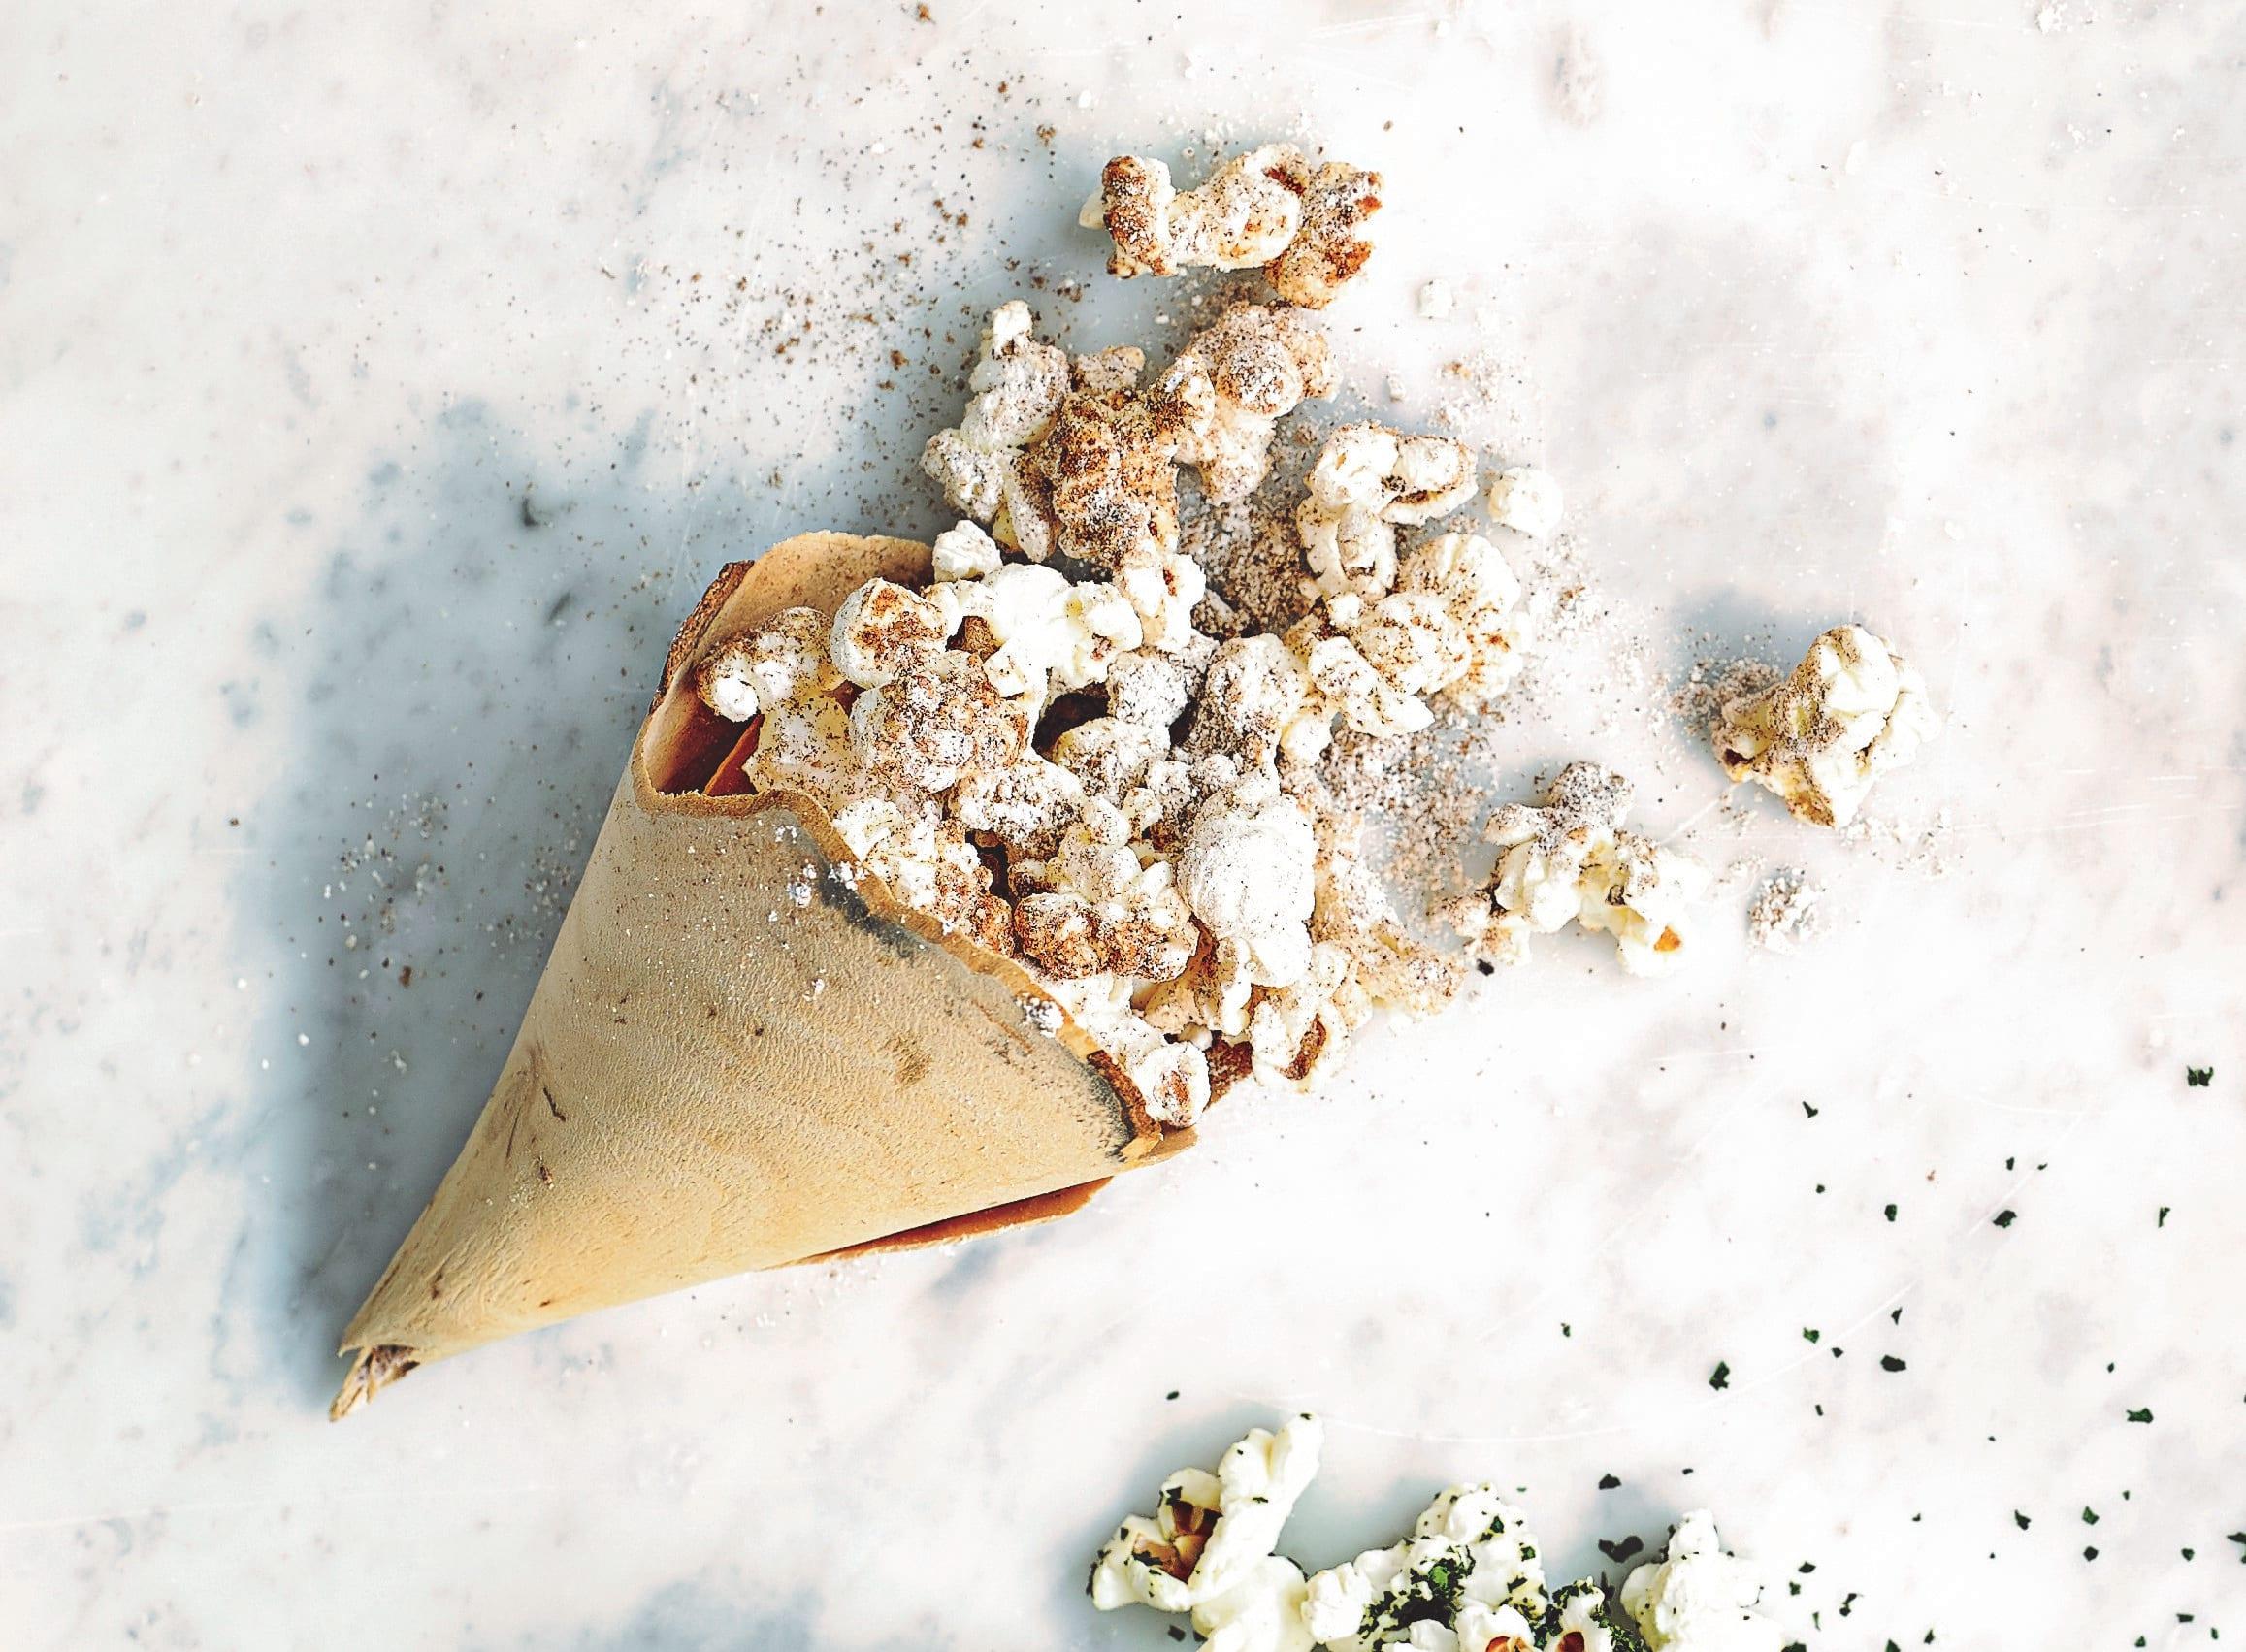 Photo of Sugar & spice popcorn by WW